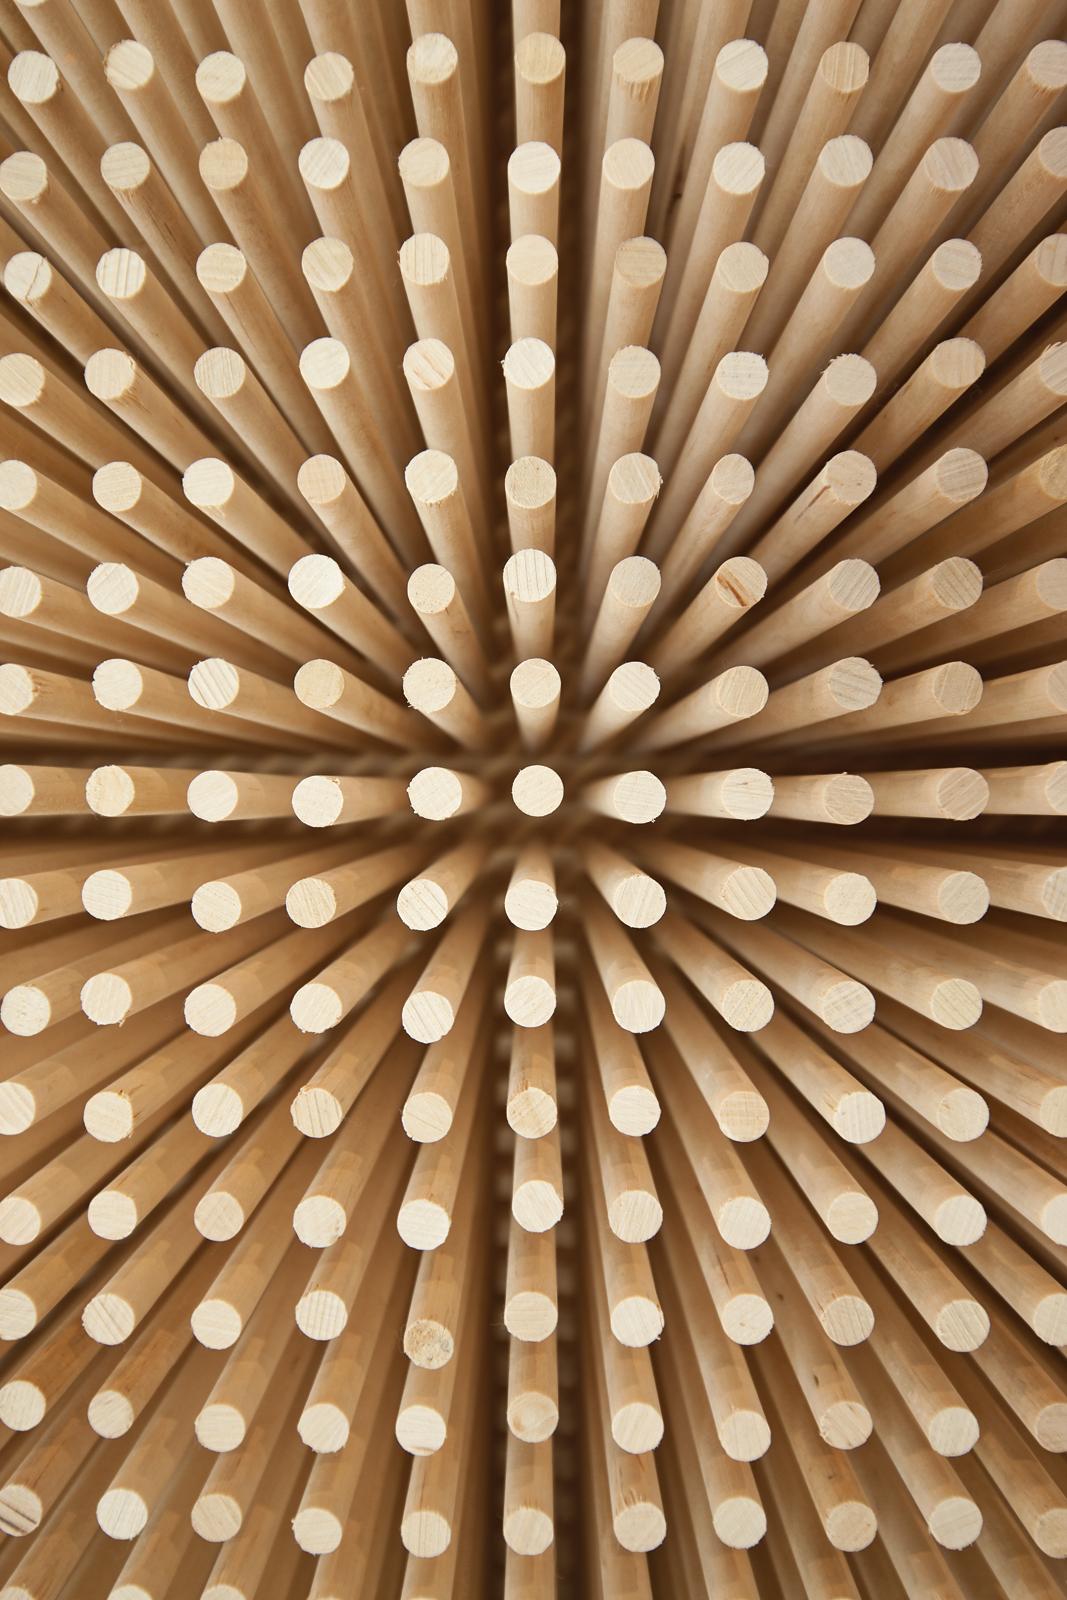 Closeup of wooden dowels